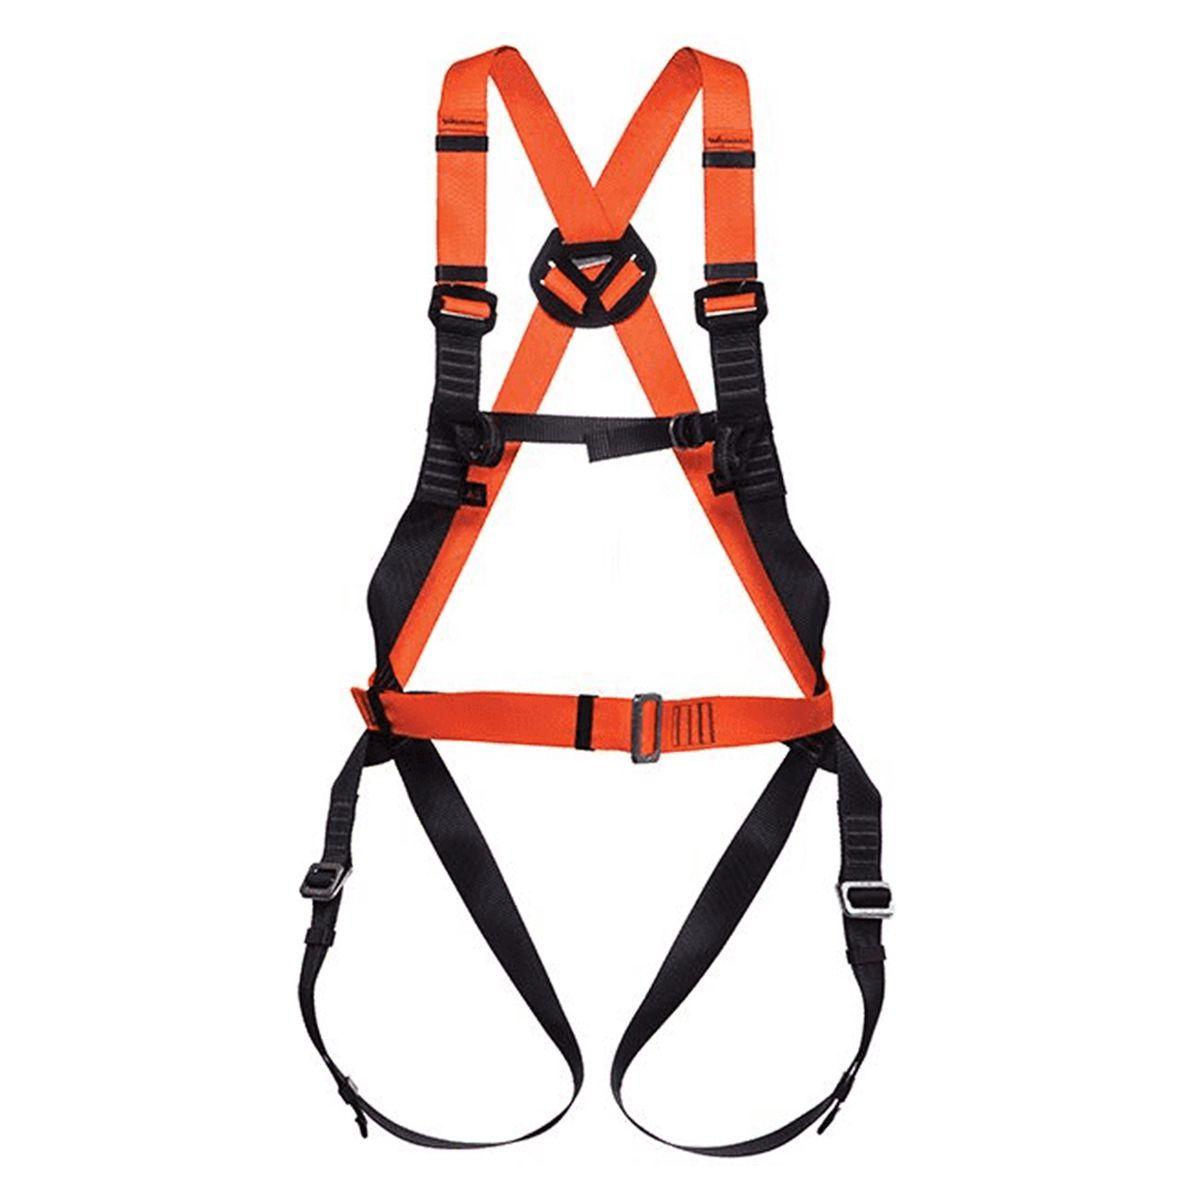 Cinturão Paraquedista com Regulagem Total - Multi